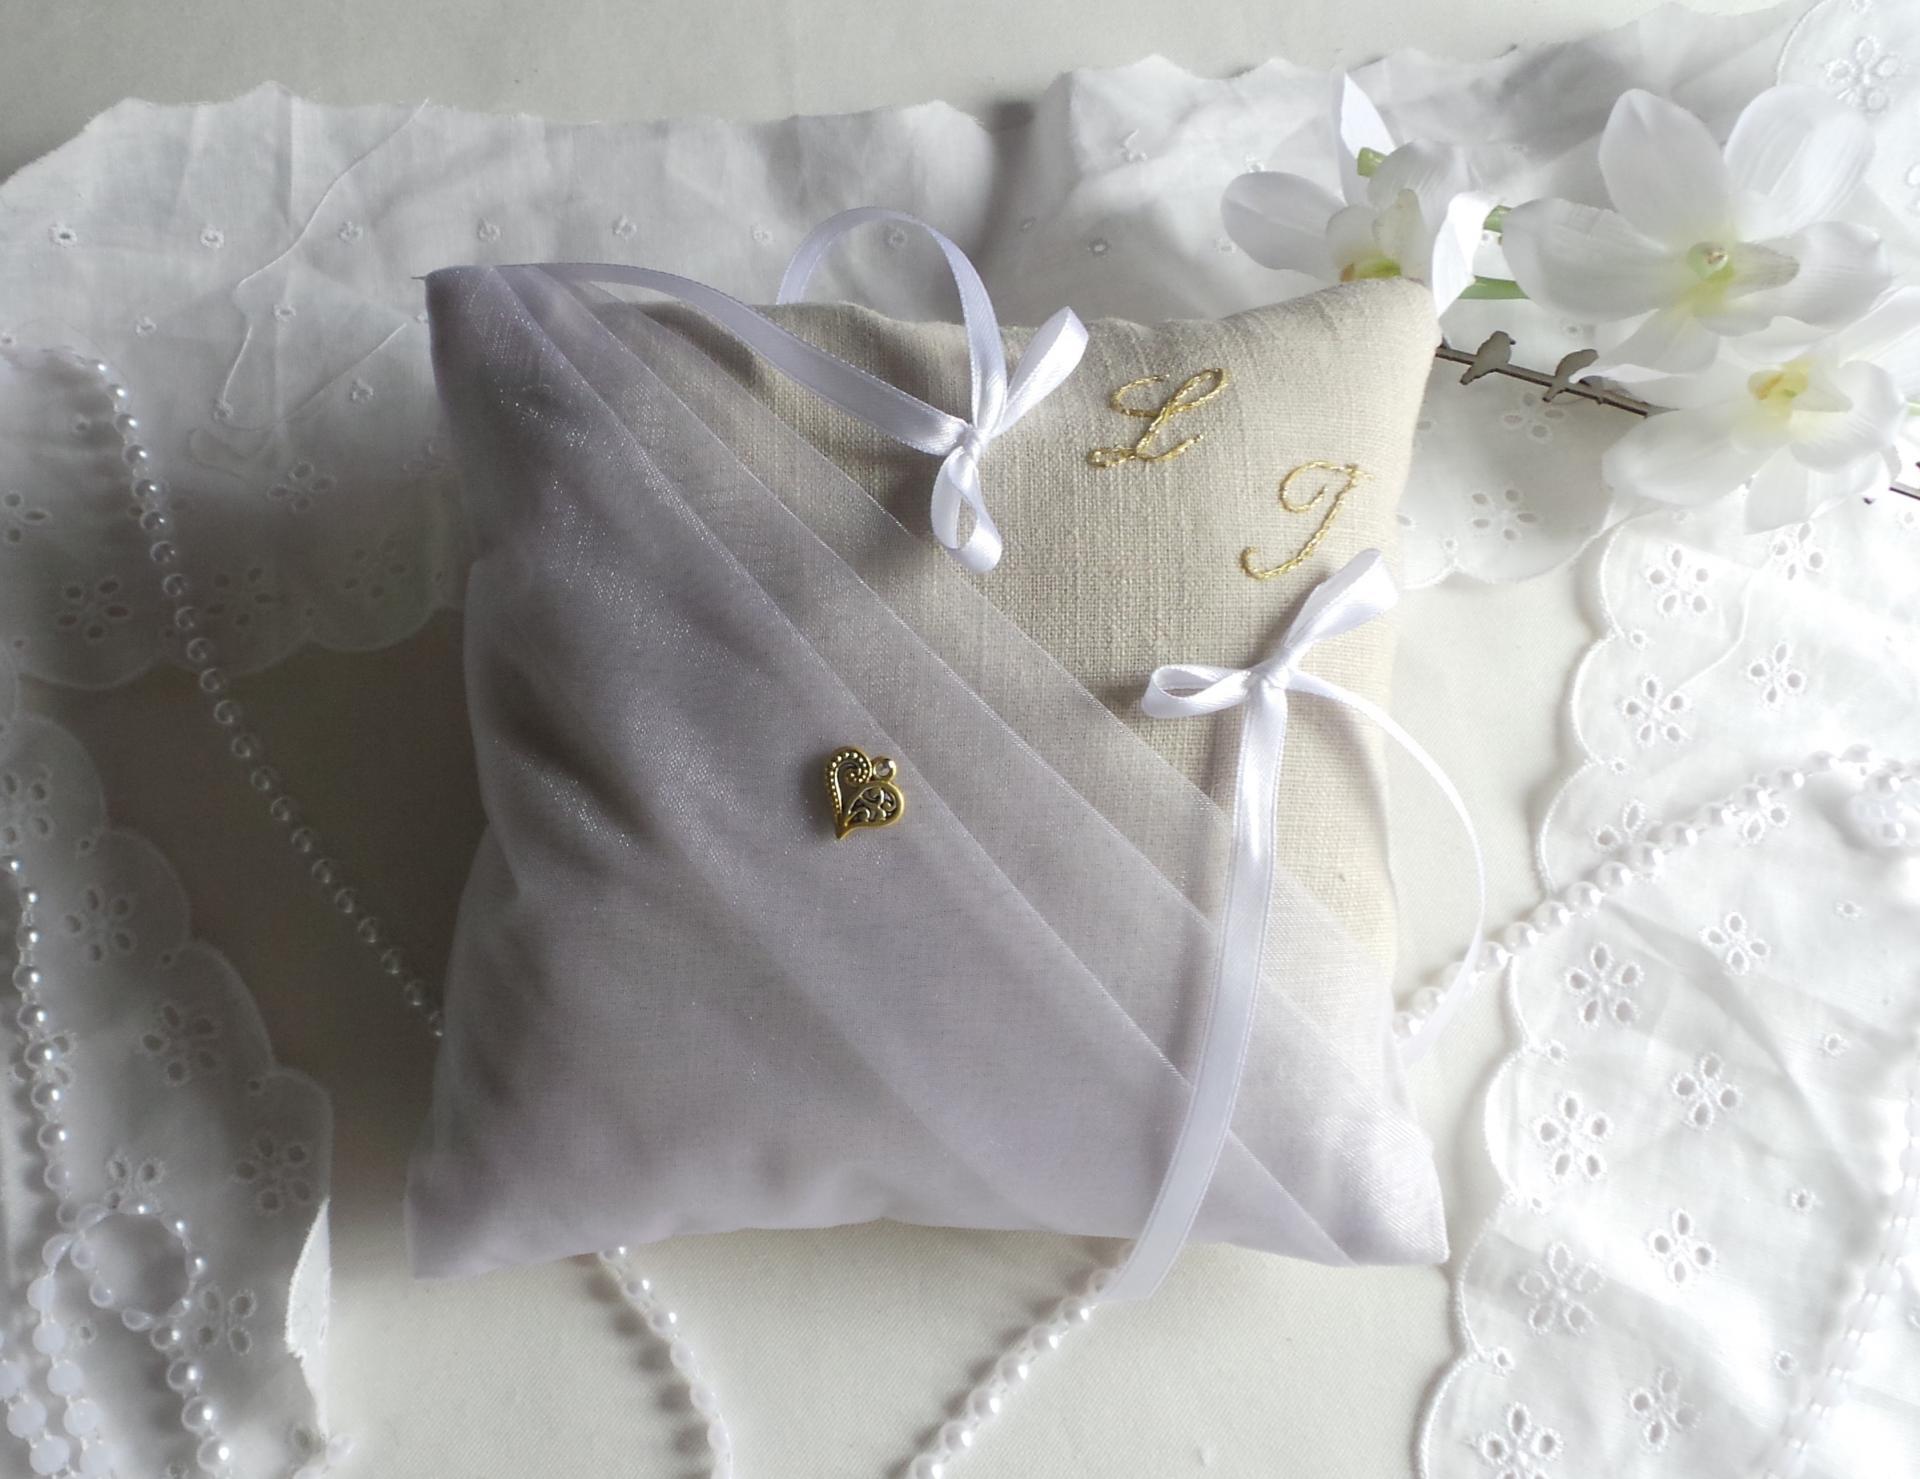 Coussin de mariage  chic lin voile organza blanc bohème naturel